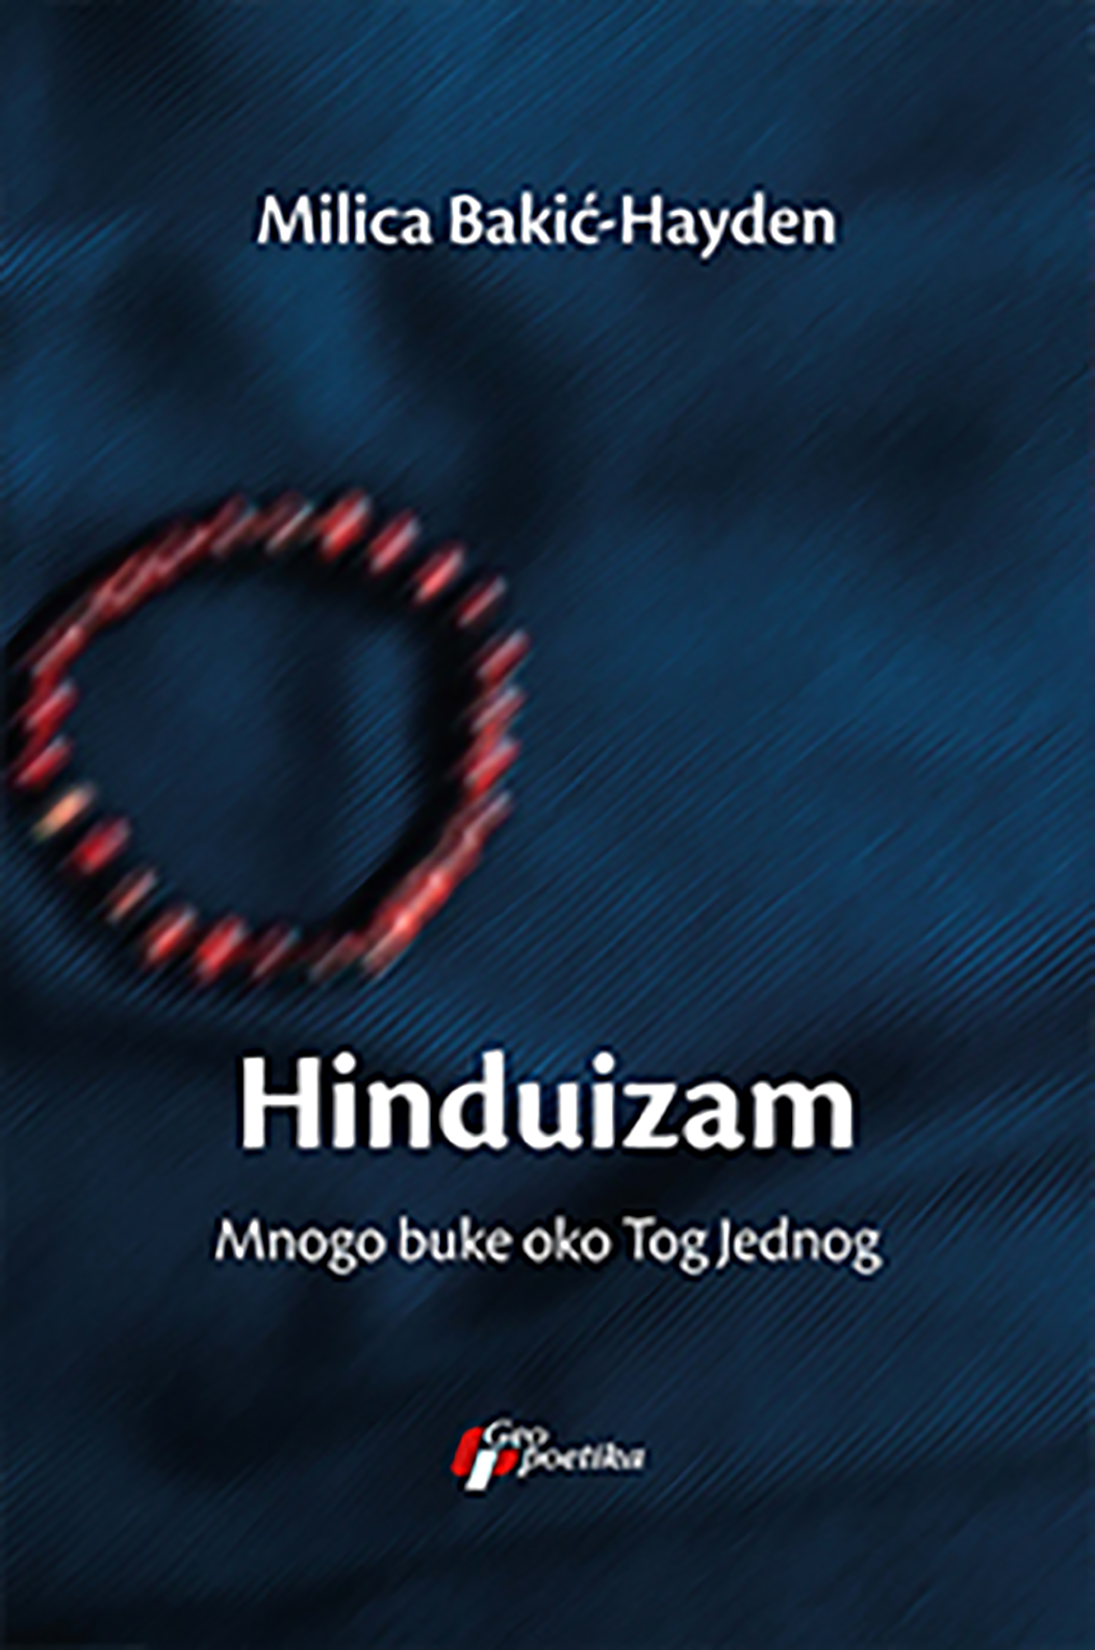 Milica Bakić Hayden, Milica Bakić Hejdn, Hinduizam, mnogo buke oko Tog jednog, knjiga, knjige